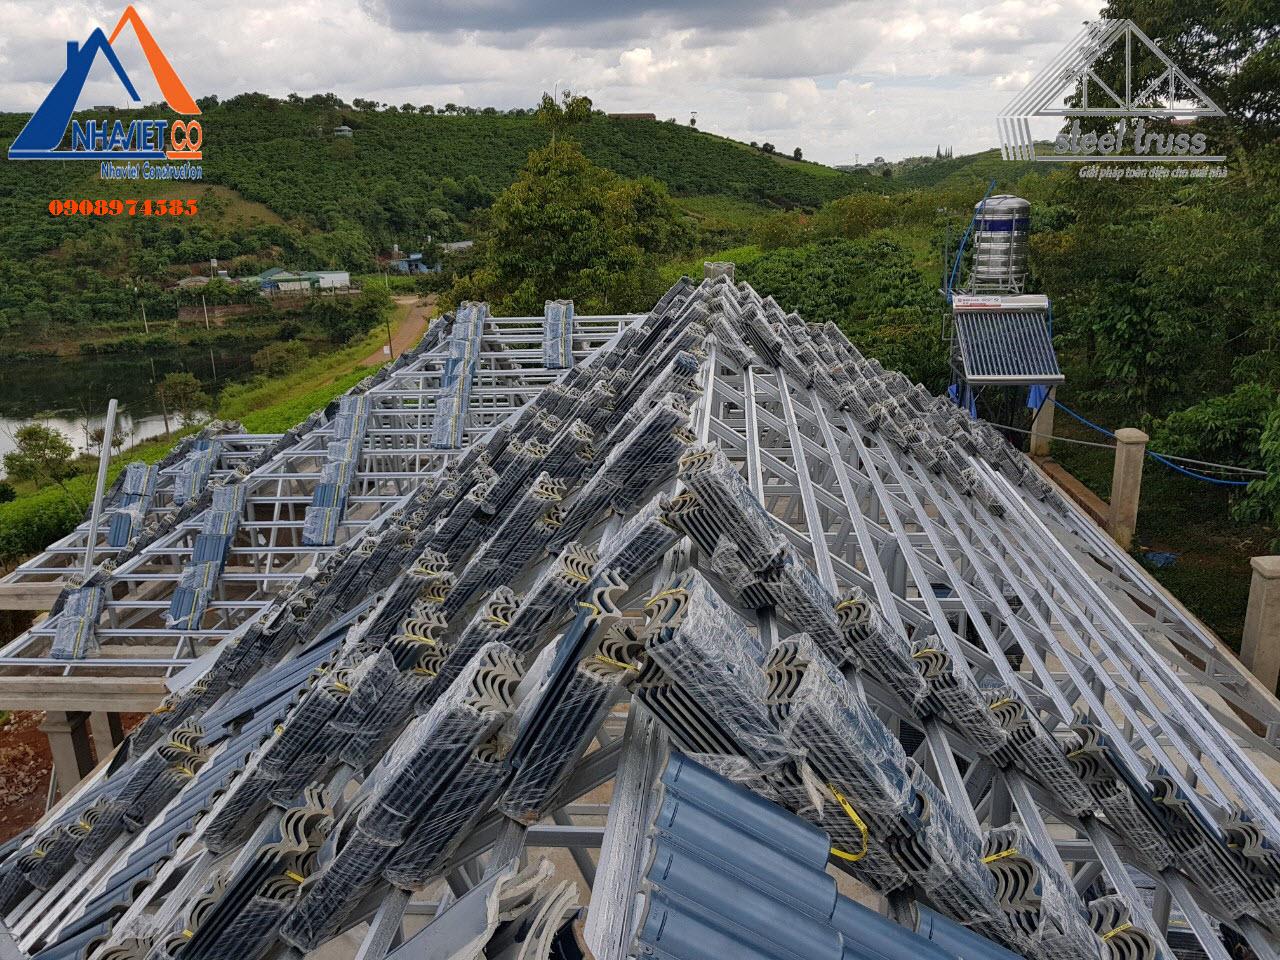 Thi công mái nhà ở Bình Thuận